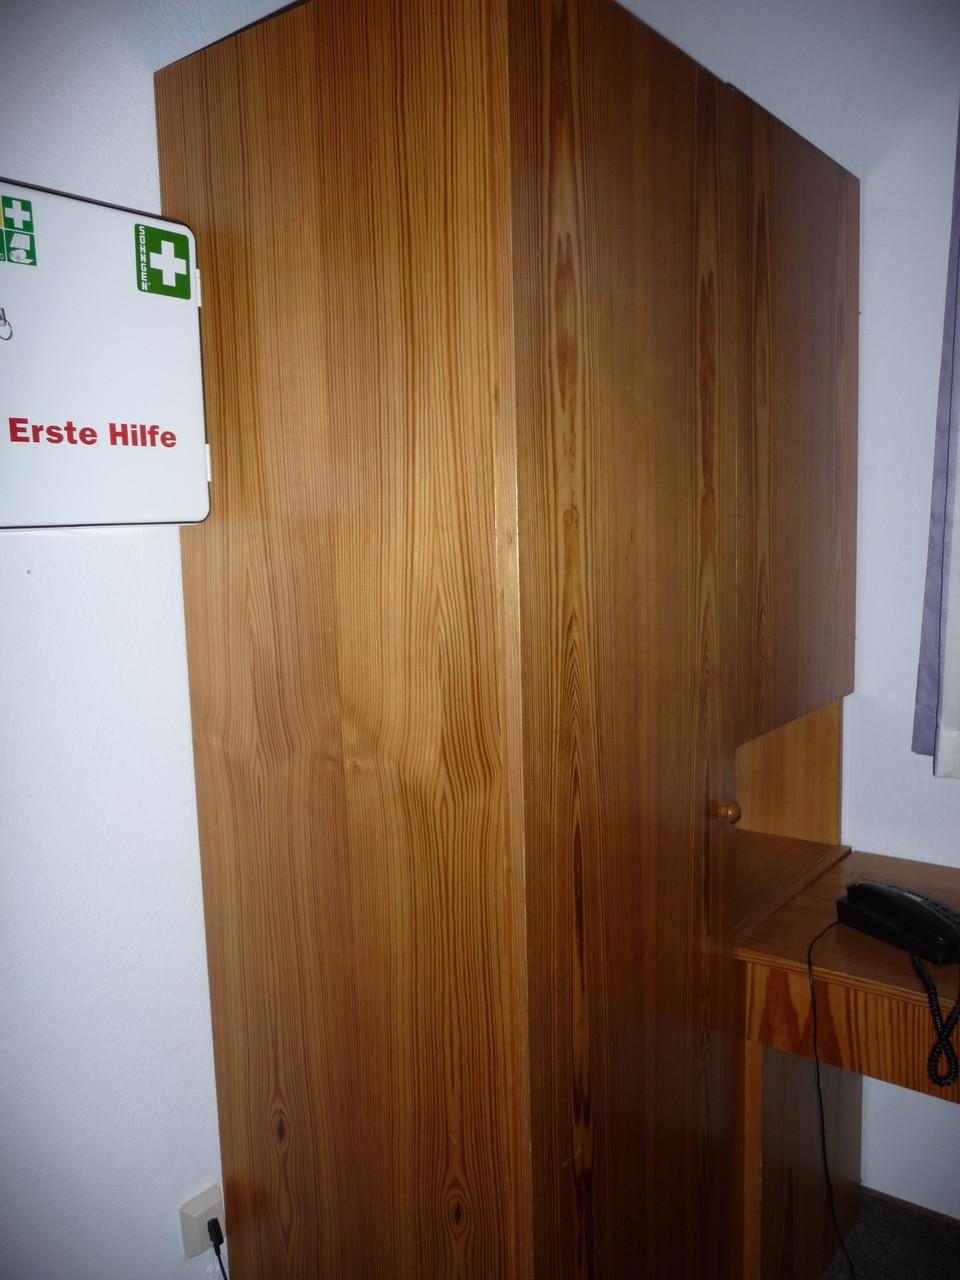 Leiterzimmer EG mit Erste-Hilfe-Kasten und Telefon